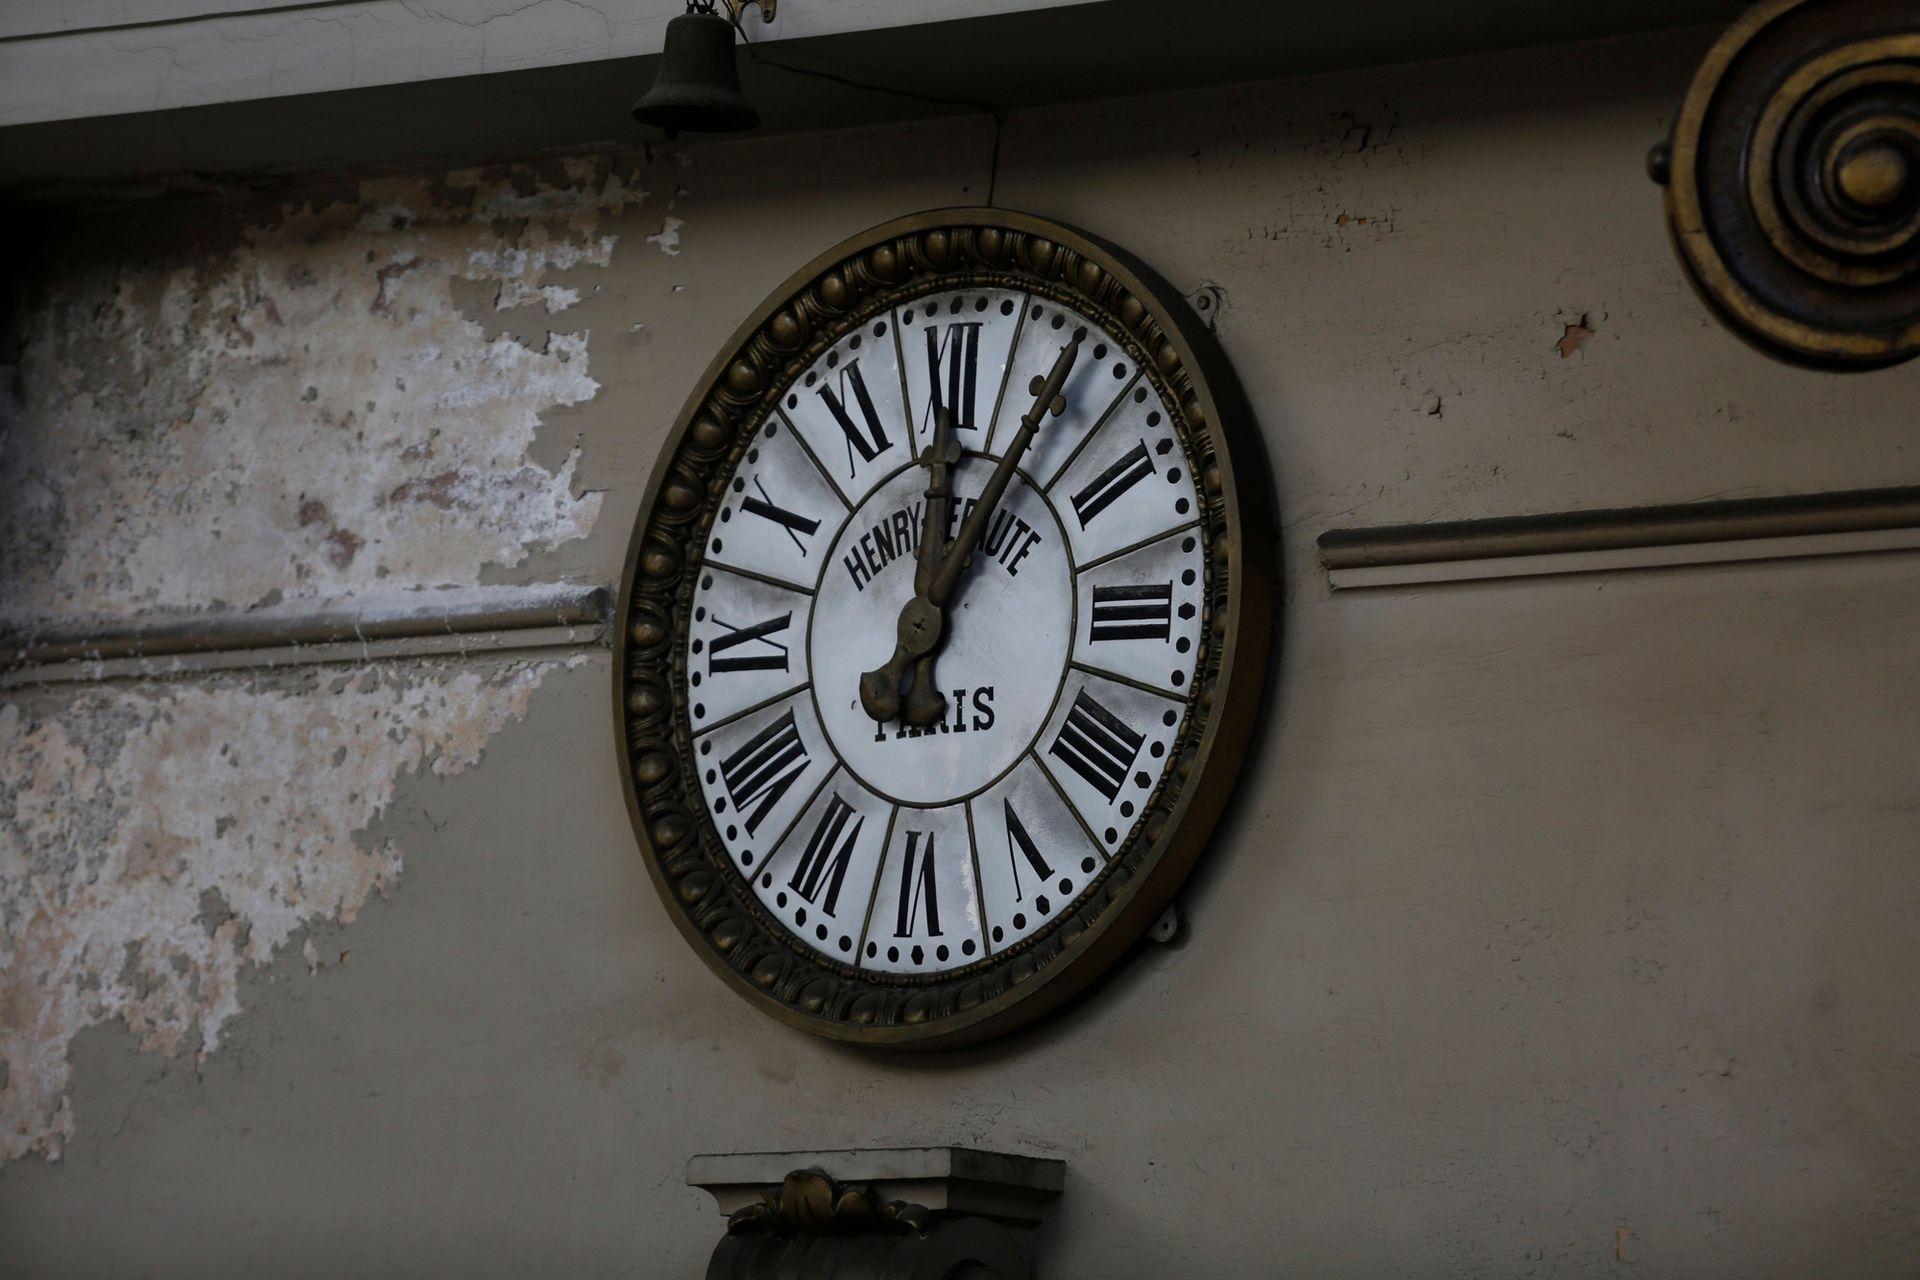 Todas las salas del edificio tienen un reloj para los lectores, que estaban sincronizados